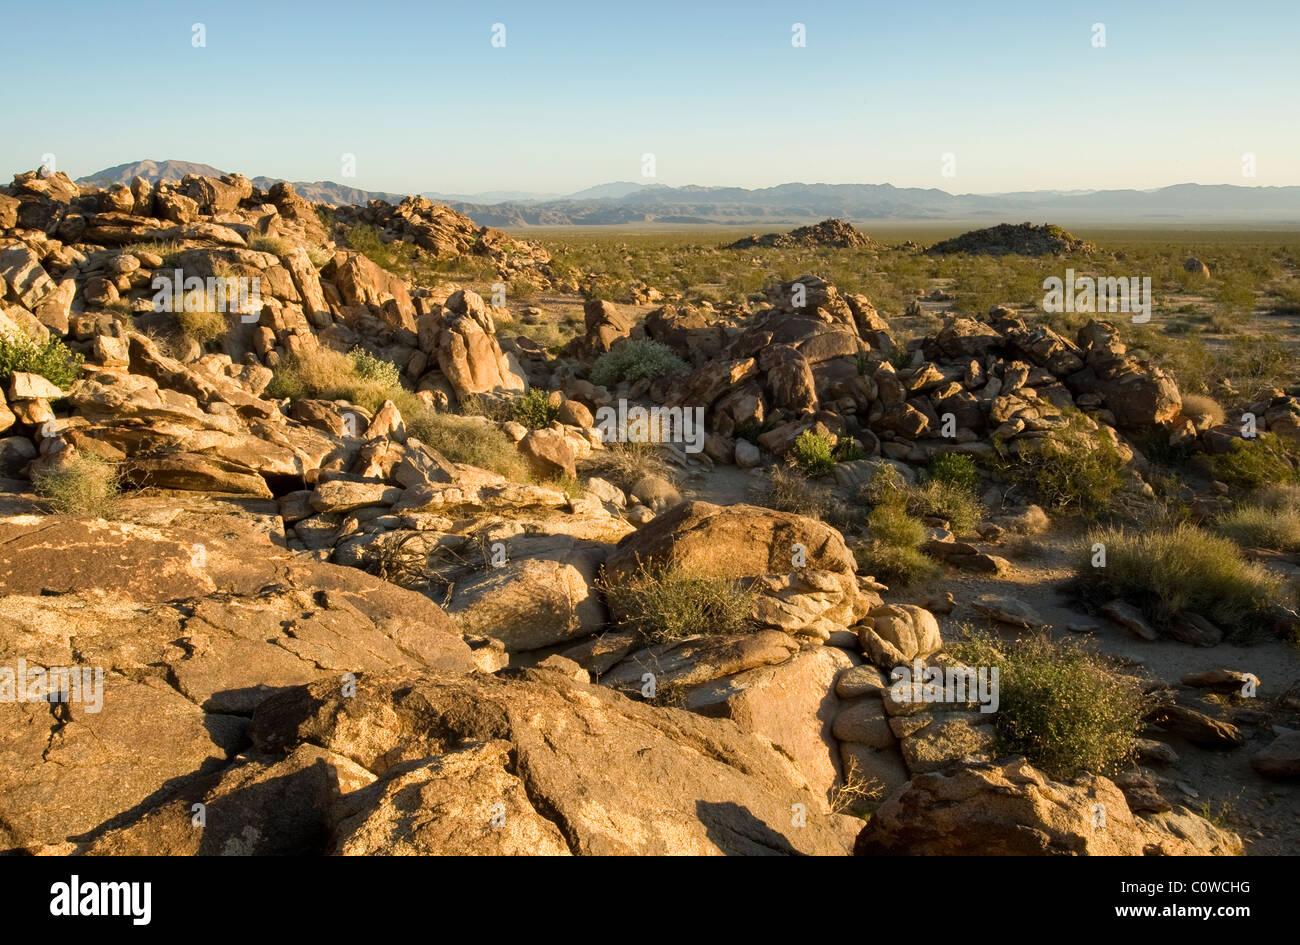 Mojave-Wüste in Kalifornien Stockbild